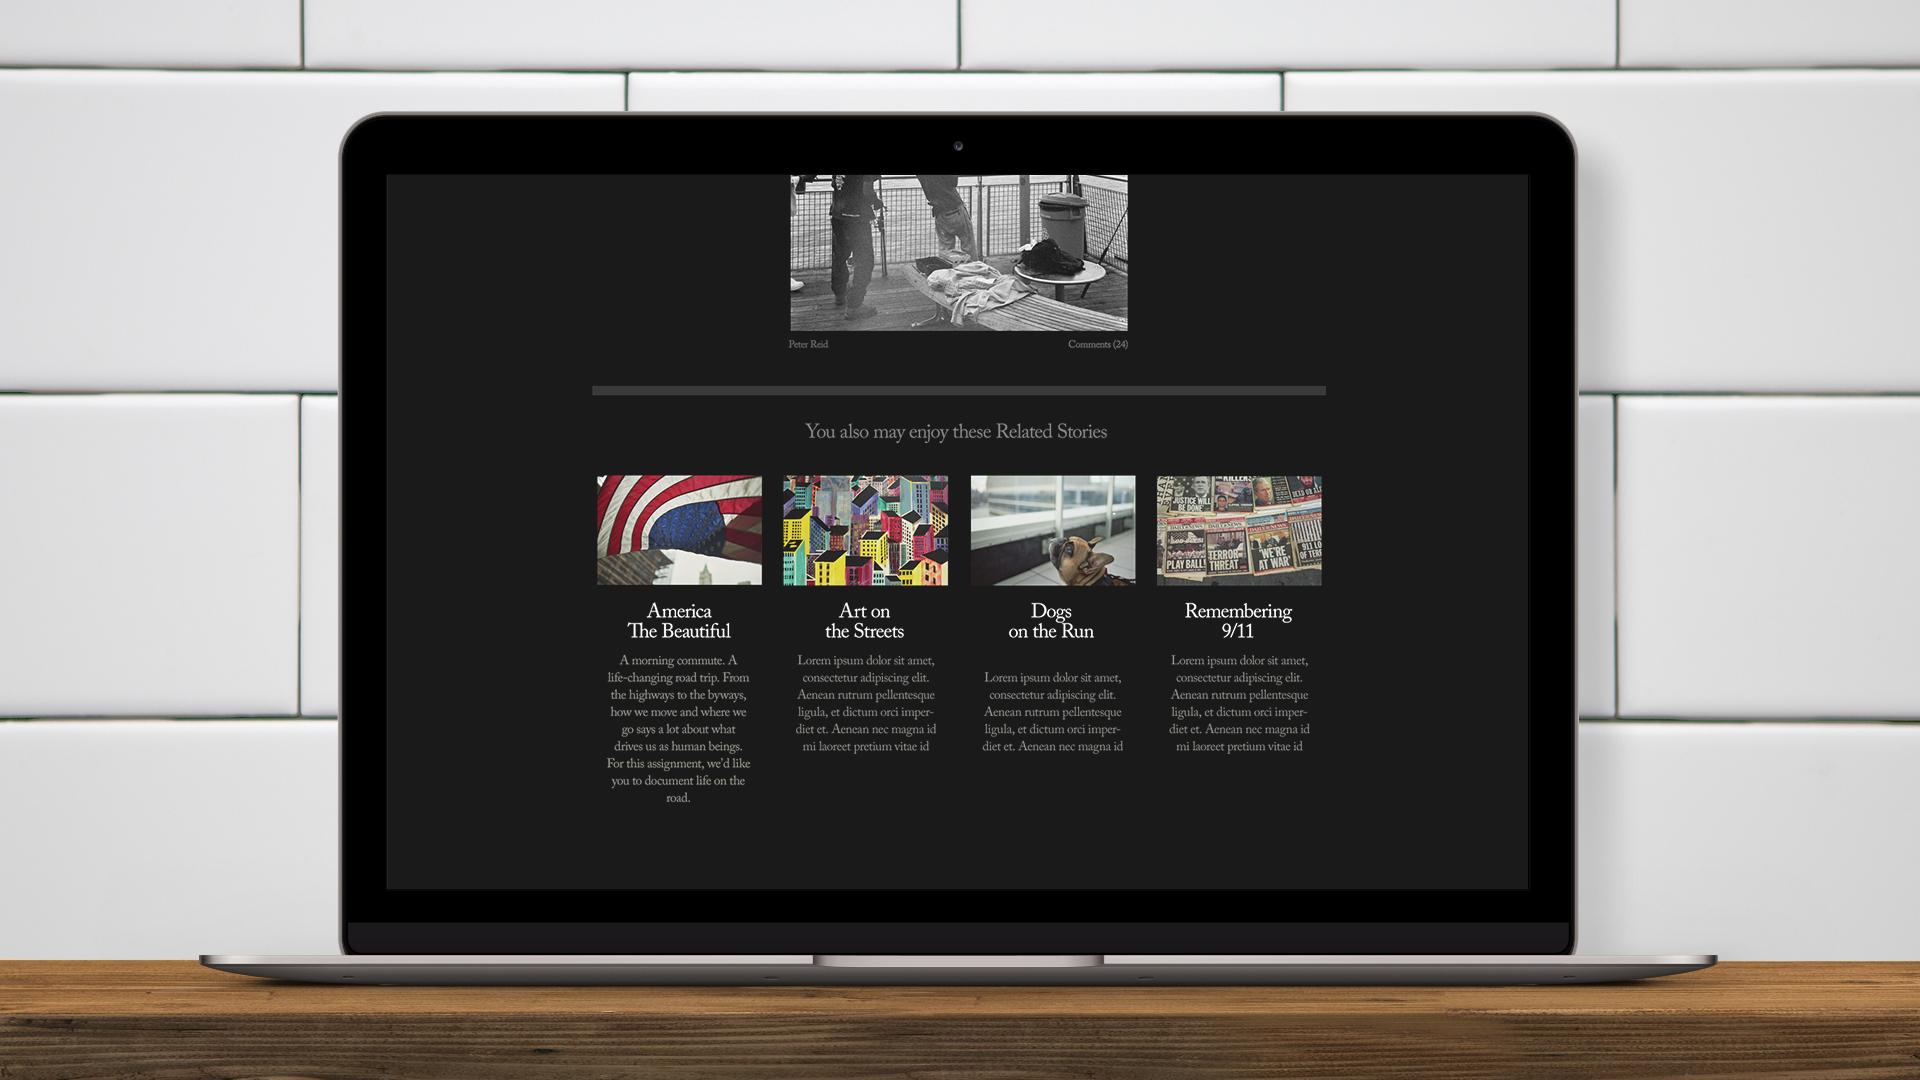 macbook_shelf3.jpg